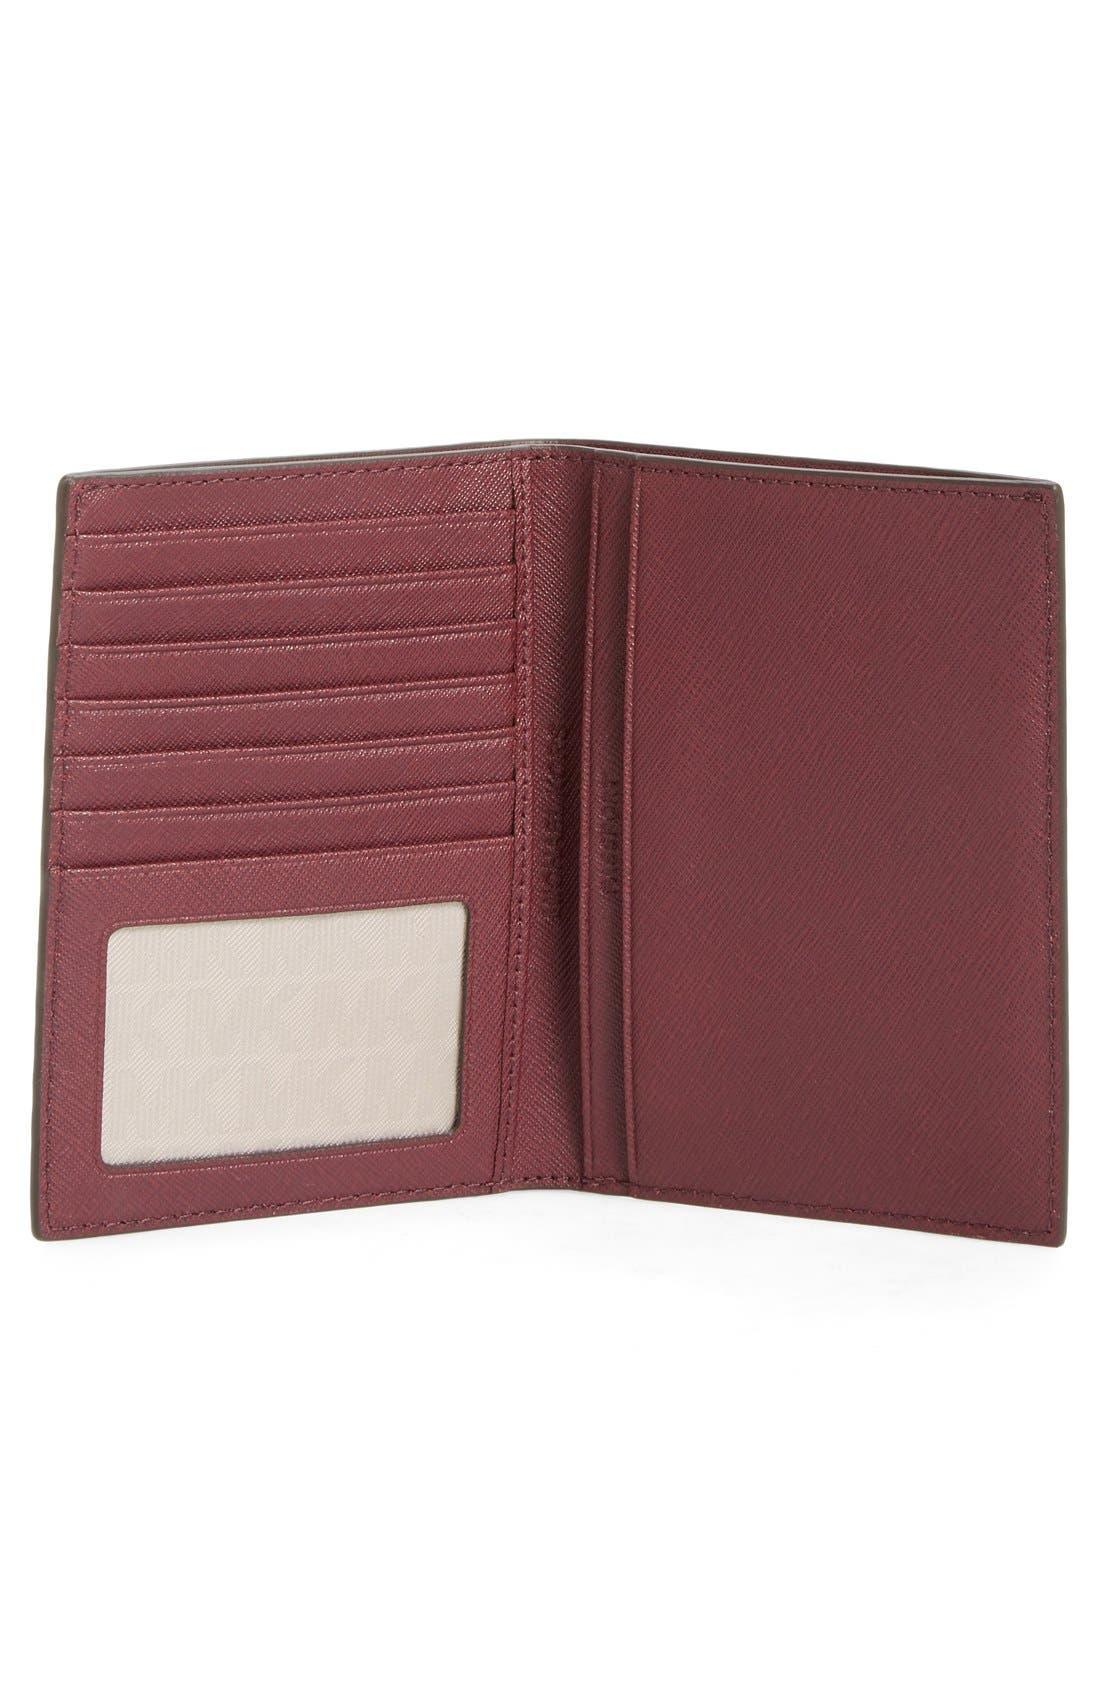 'Jet Set' Leather Passport Wallet,                             Alternate thumbnail 2, color,                             Plum/ Gold